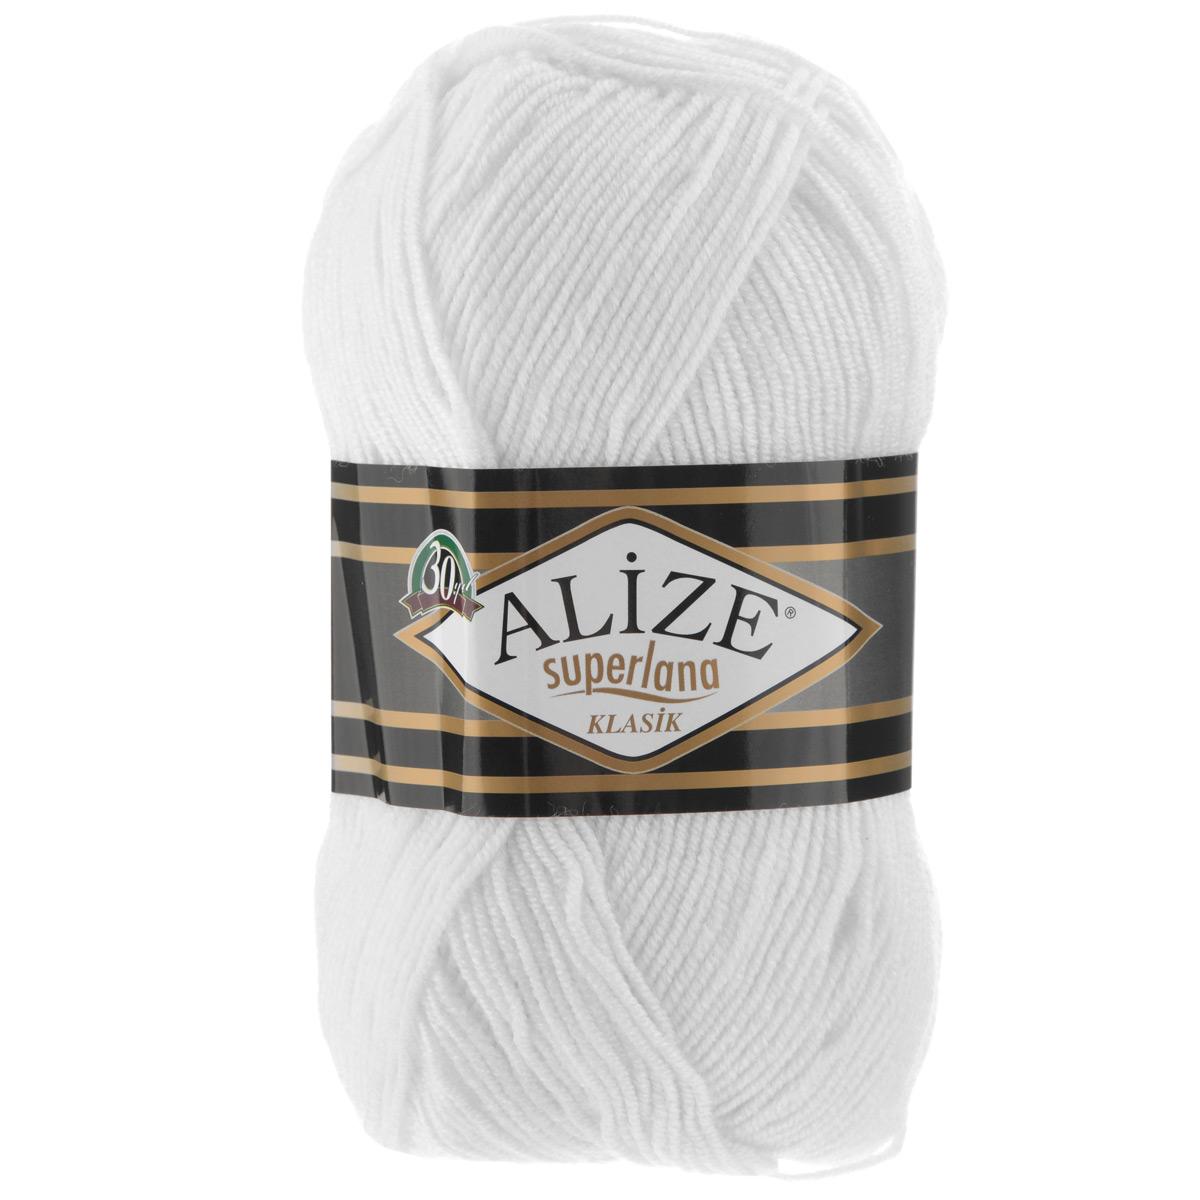 Пряжа для вязания Alize Superlana Klasik, цвет: белый (55), 280 м, 100 г, 5 шт692917_55Классическая пряжа Alize Superlana Klasik имеет среднюю толщину нити и состоит из 25% шерсти и 75% акрила. Подходит для создания вещей на осень. Пуловеры, платья, кардиганы, шапки и шарфы из этой пряжи отлично держат форму и прекрасно согреют вас в холодную погоду. Пряжа Alize Superlana Klasik - это универсальность: подойдет для мастериц различного уровня. Благодаря составу и скрутке петли отлично ложатся одна к другой, вязаное полотно получается ровное и однородное. Рассчитана на любой уровень мастерства, но особенно понравится начинающим мастерицам - благодаря толстой нити пряжа Alize Superlana Klasik позволяет быстро связать простую вещь. Структура и состав пряжи максимально комфортны для вязания. Рекомендуется для вязания крючком и на спицах 3-4 мм. Состав: 75% акрил, 25% шерсть.Количество мотков: 5 шт.